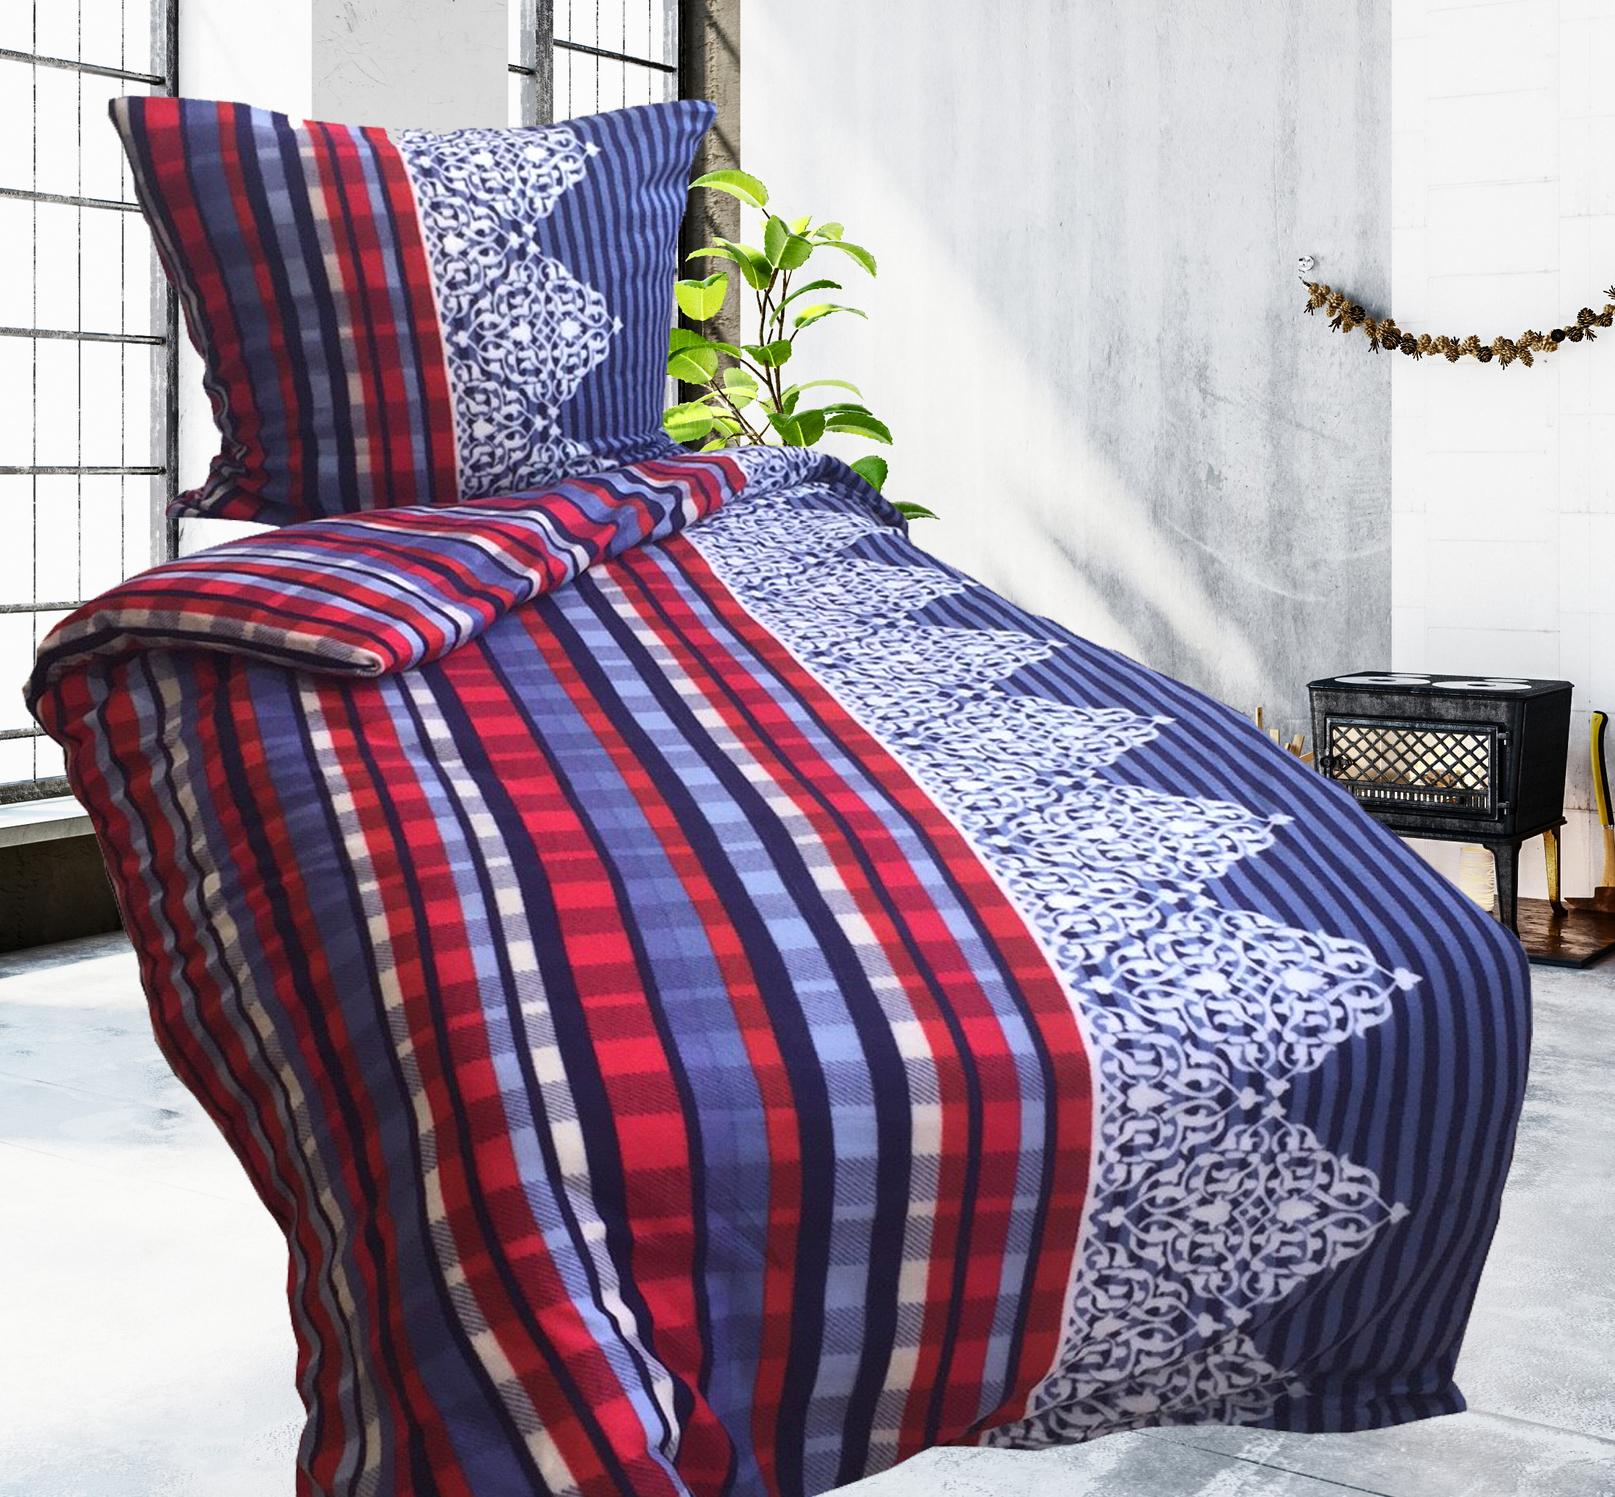 3tlg bettw sche fleece 135x200cm blau rot warm kuschelig mit laken 140 160x200cm ebay. Black Bedroom Furniture Sets. Home Design Ideas